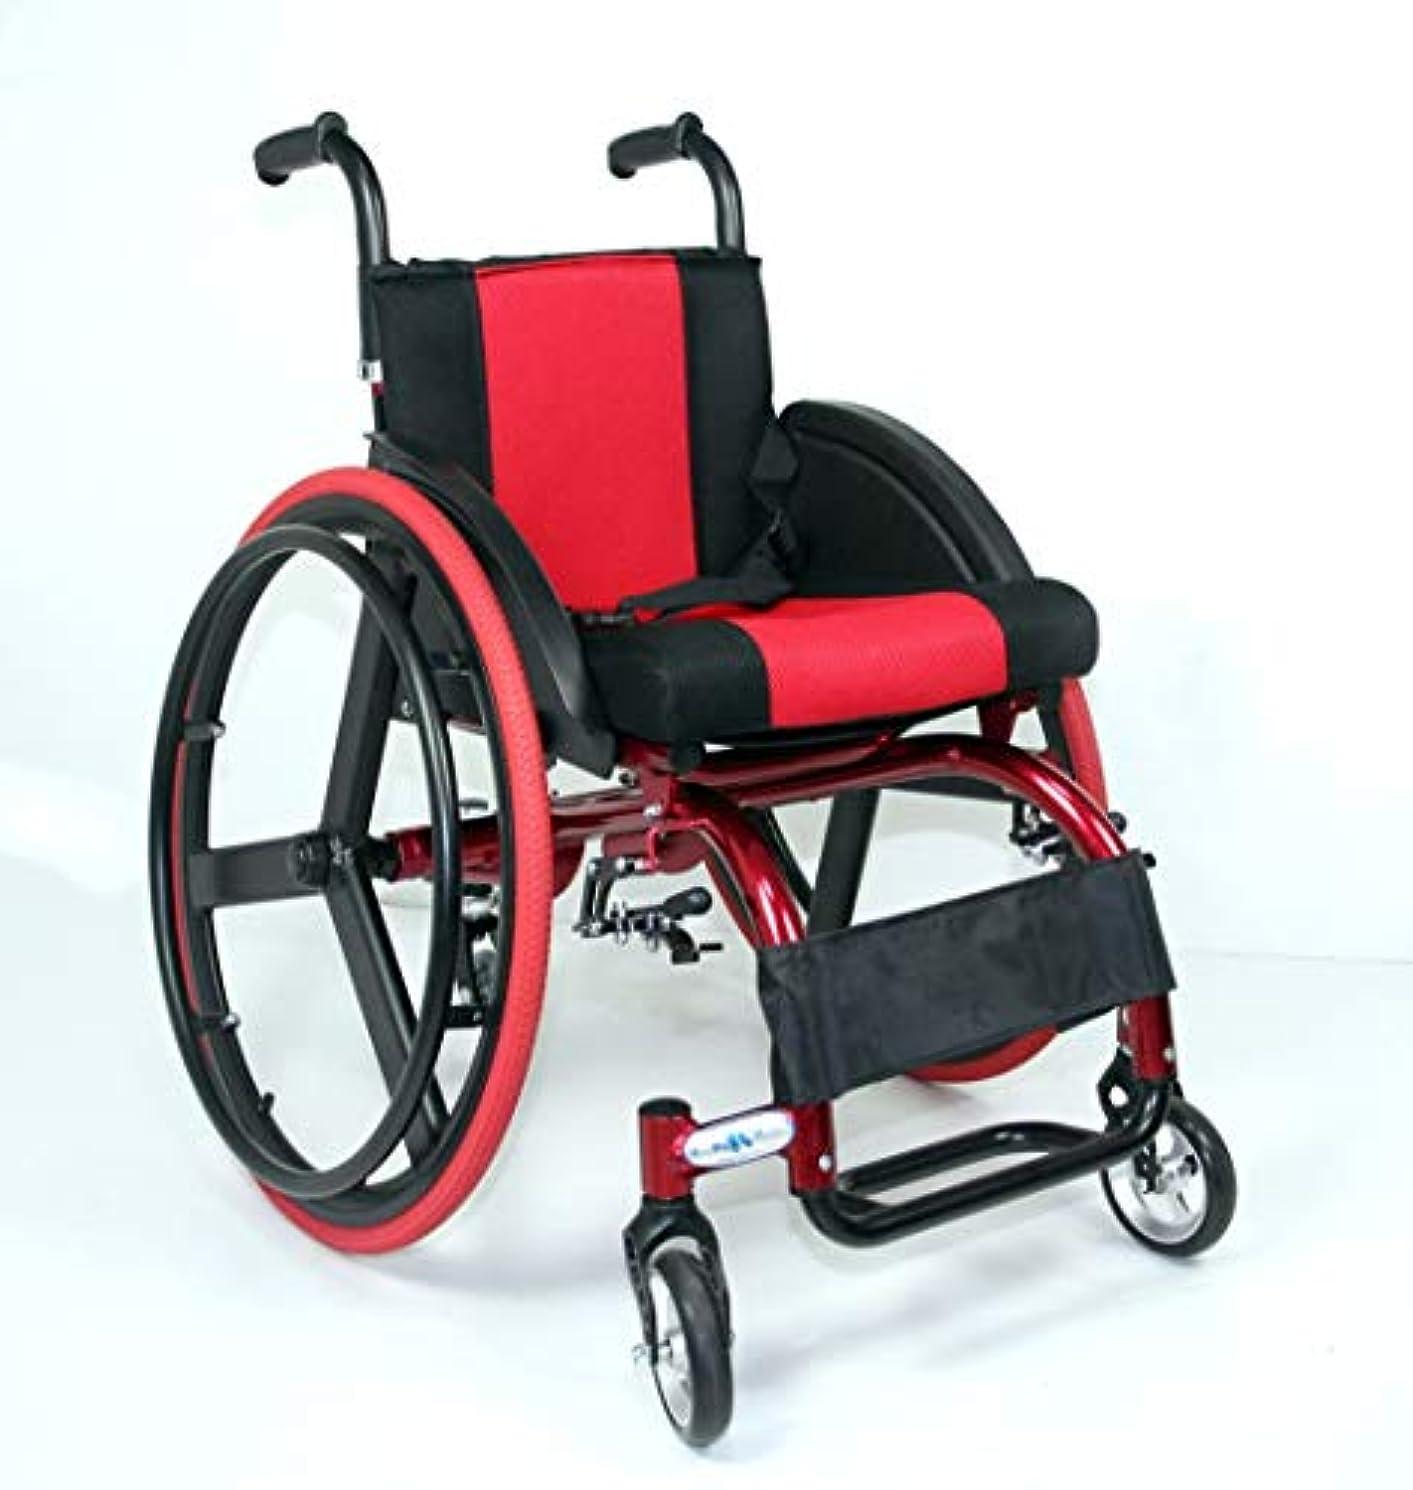 再生すきモディッシュアルミ合金のクイックリリースの後部車輪の衝撃吸収材のトロリーが付いている余暇の車椅子ライトポータブル、24インチの後部車輪は1つのボタンで取除くことができます